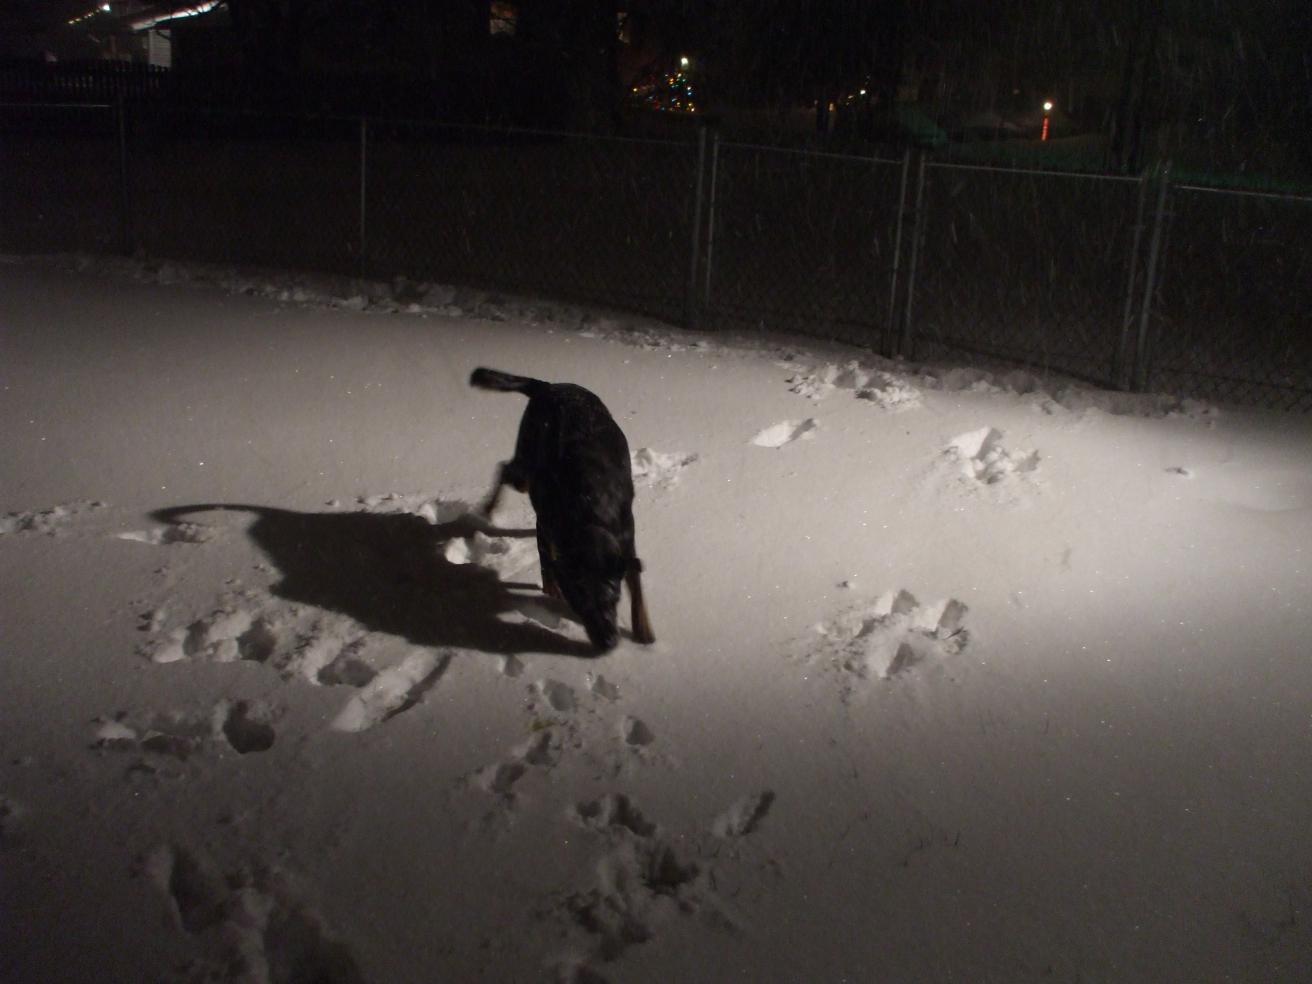 Offical snow pic thread-dscf5489.jpg